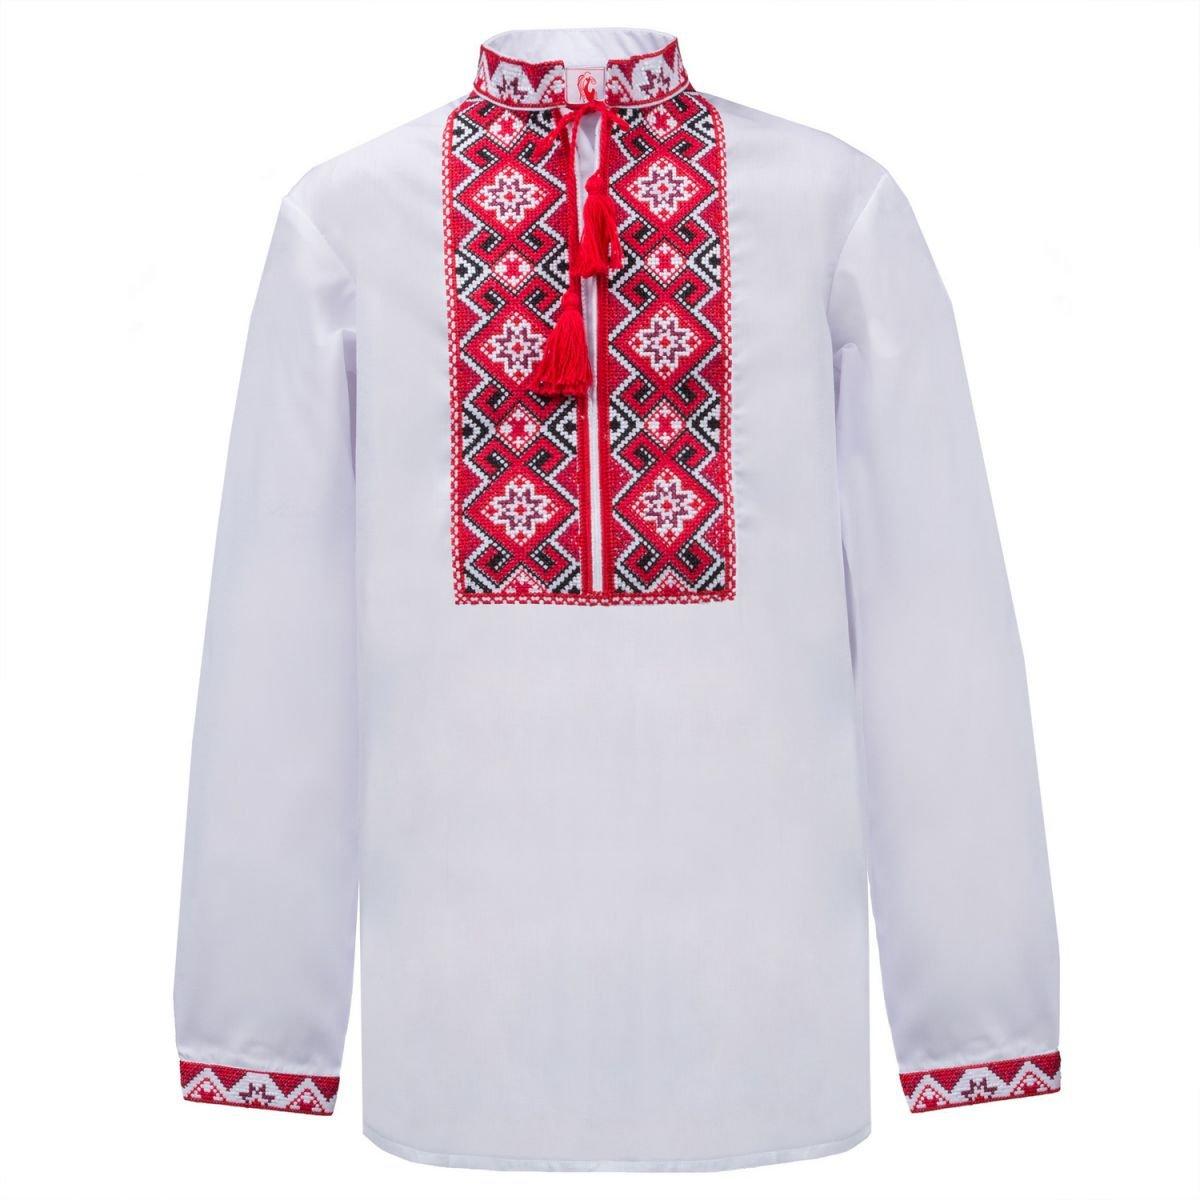 Сорочка вишиванка для хлопчика Слобожанка - Світозар 110см ce5520f552ec0